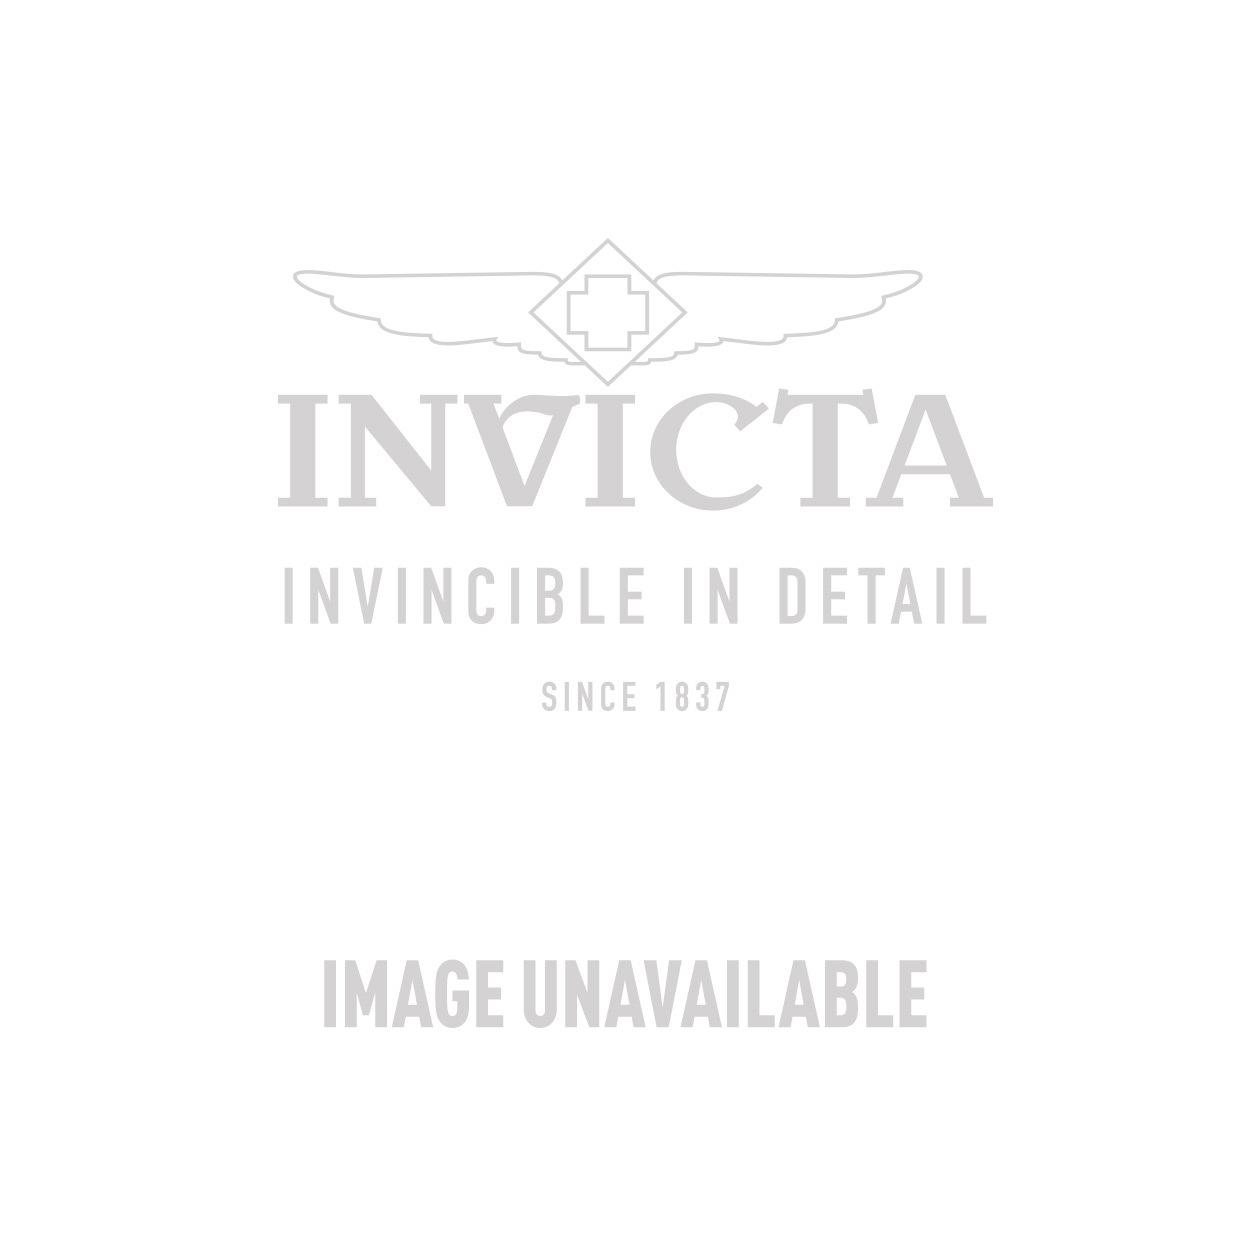 Invicta Excursion Swiss Made Quartz Watch - Titanium case with Titanium tone Titanium band - Model 90154